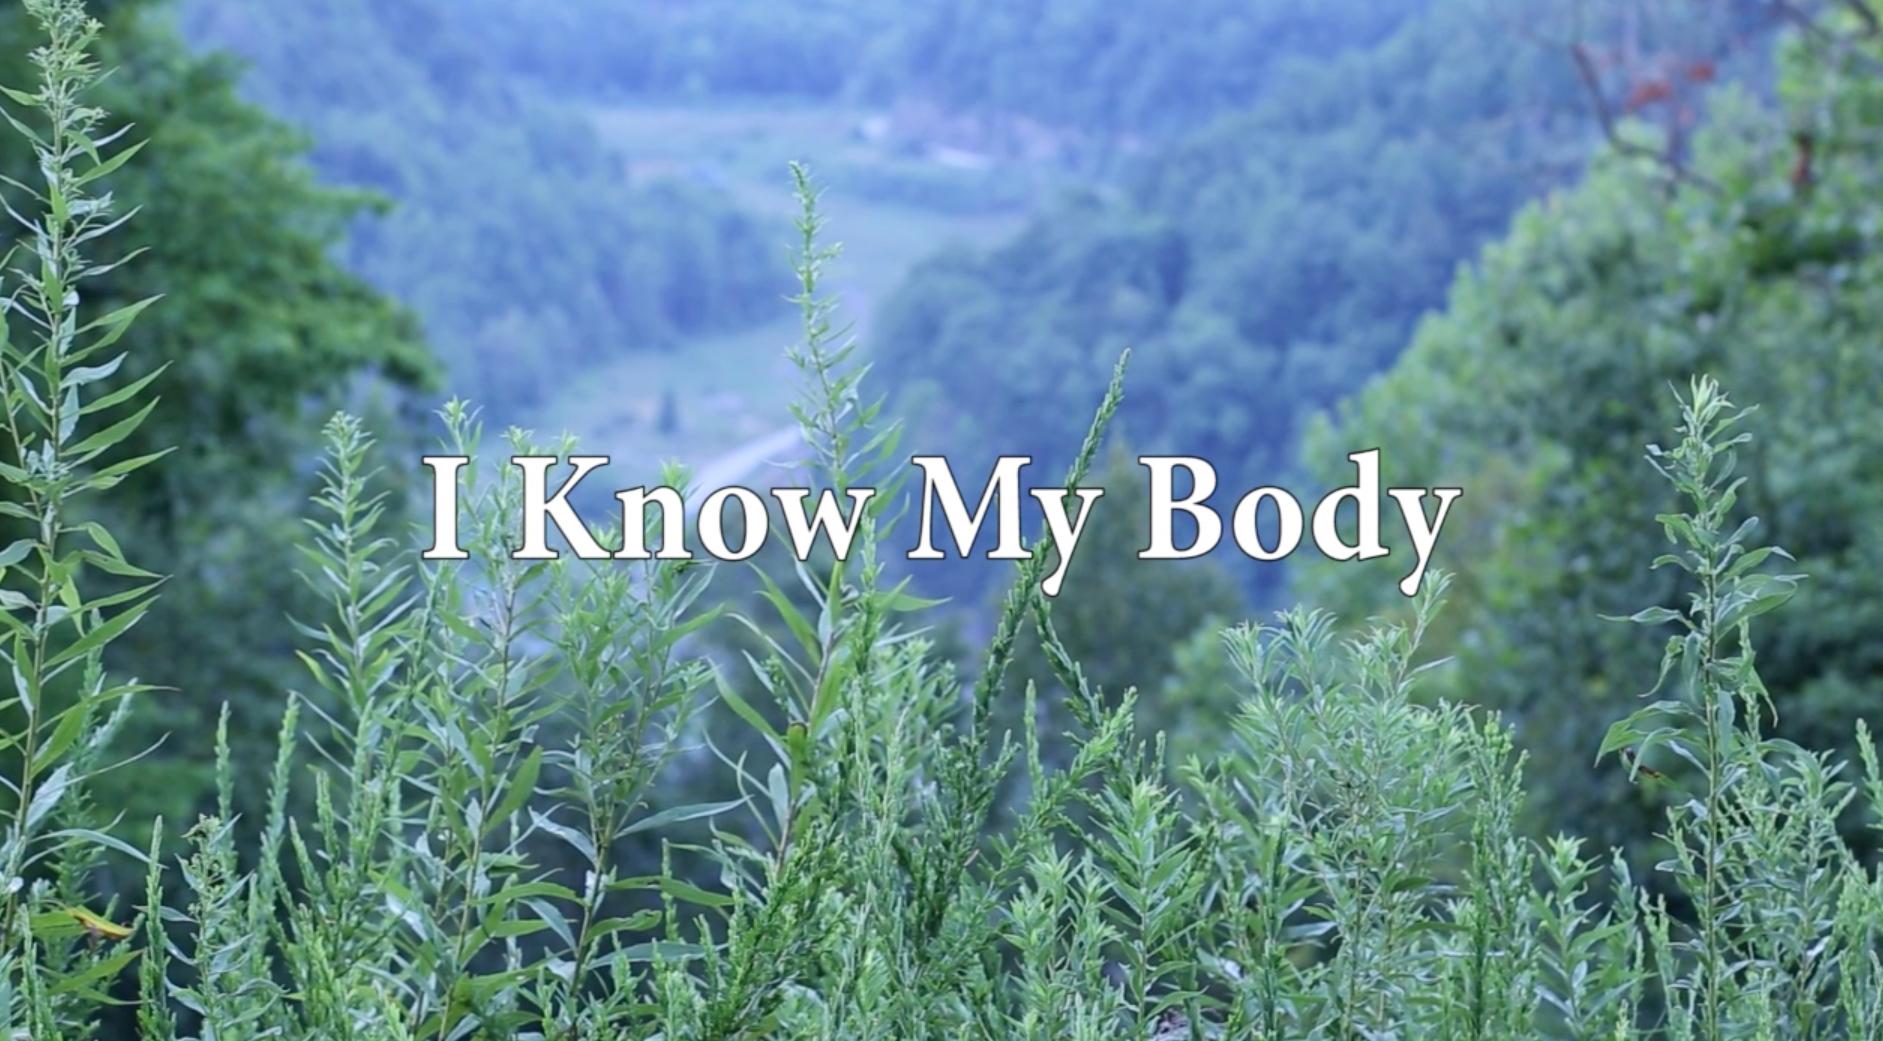 I Know My Body